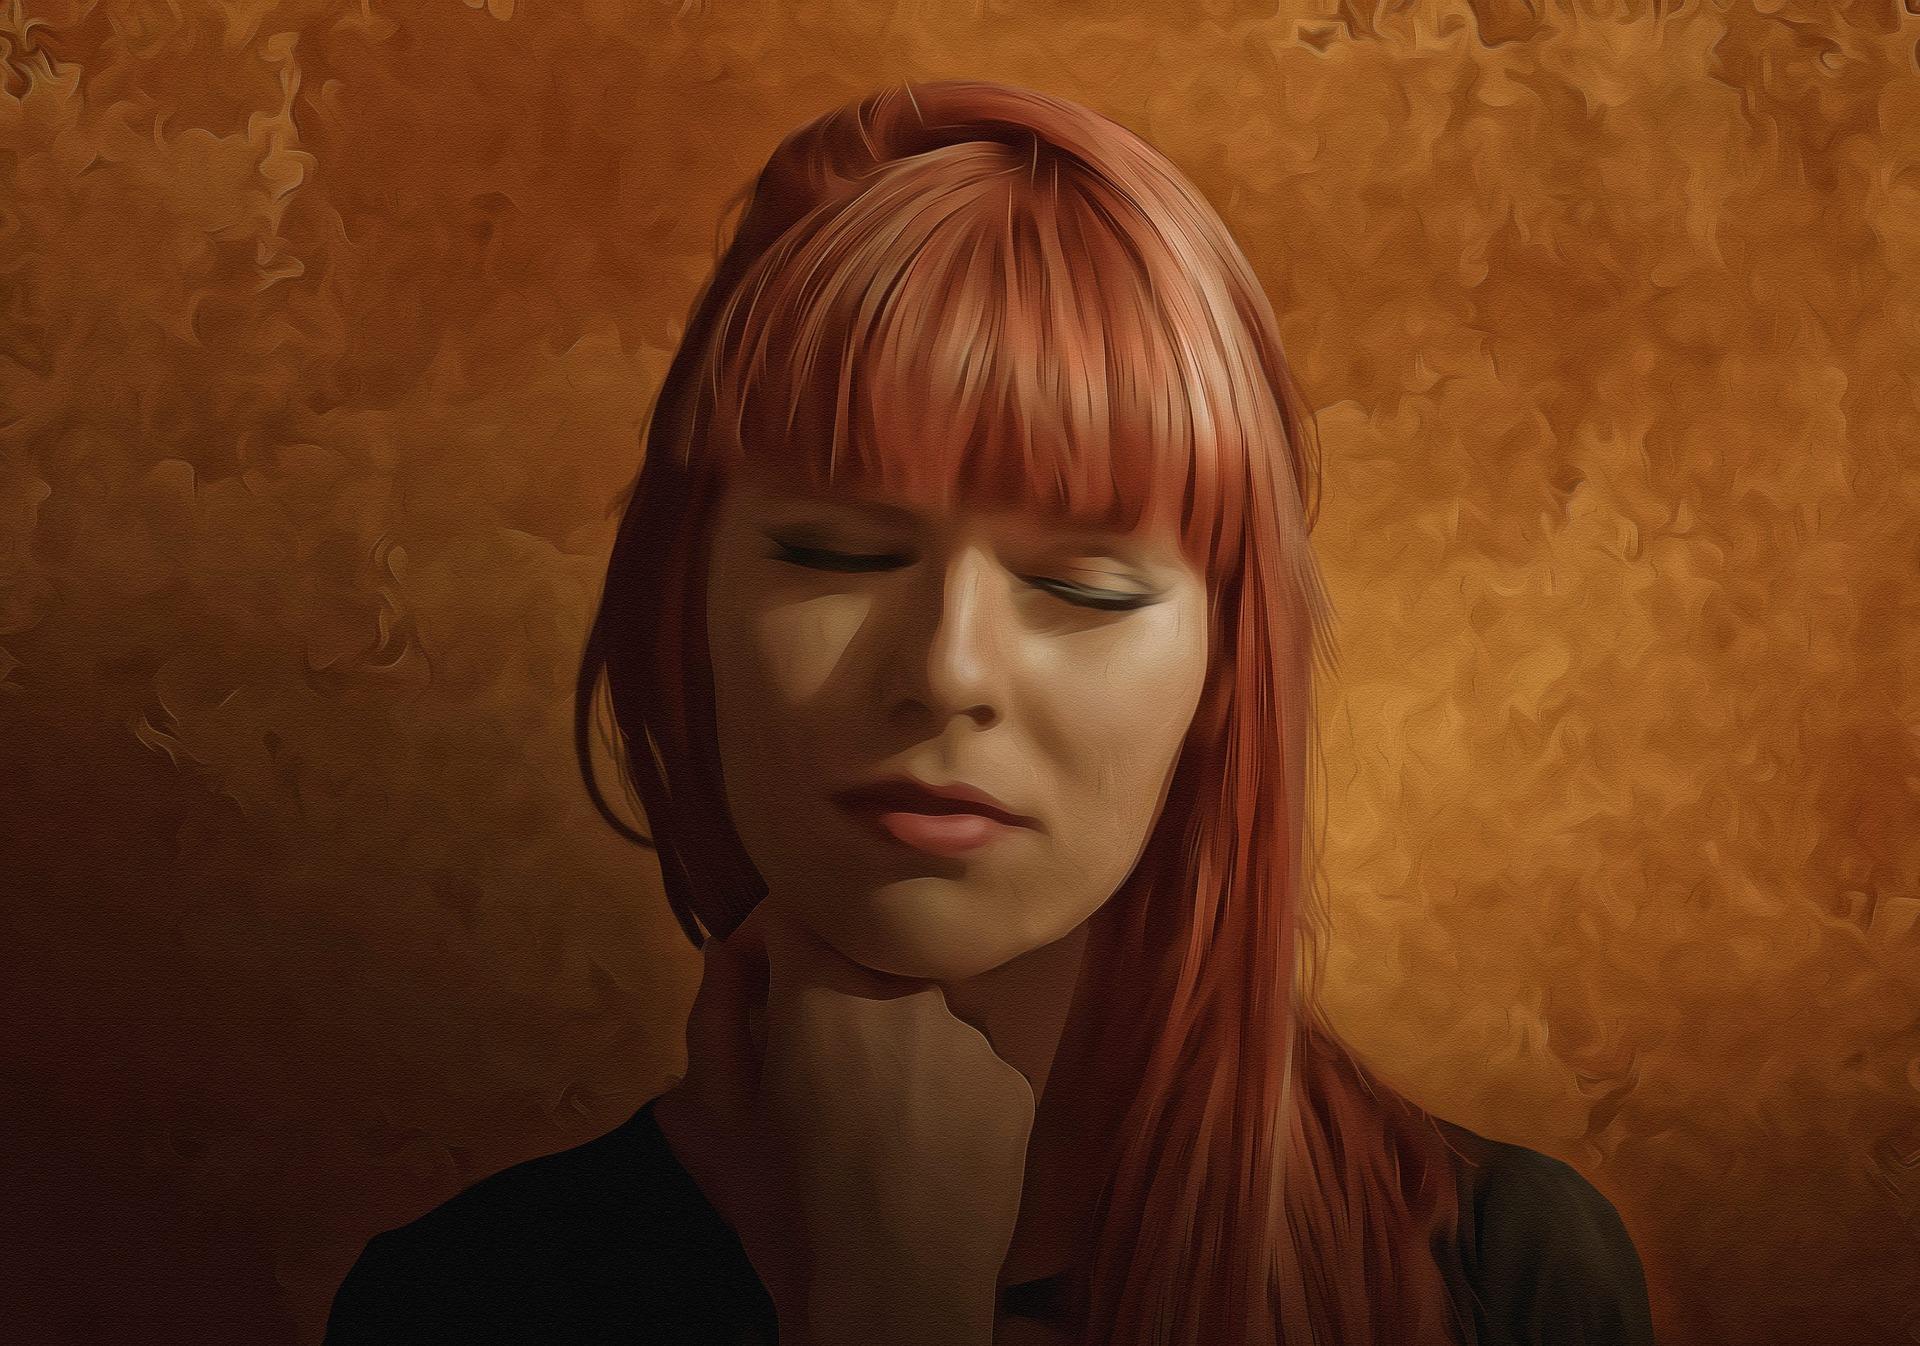 farbowanie włosów henną do brwi